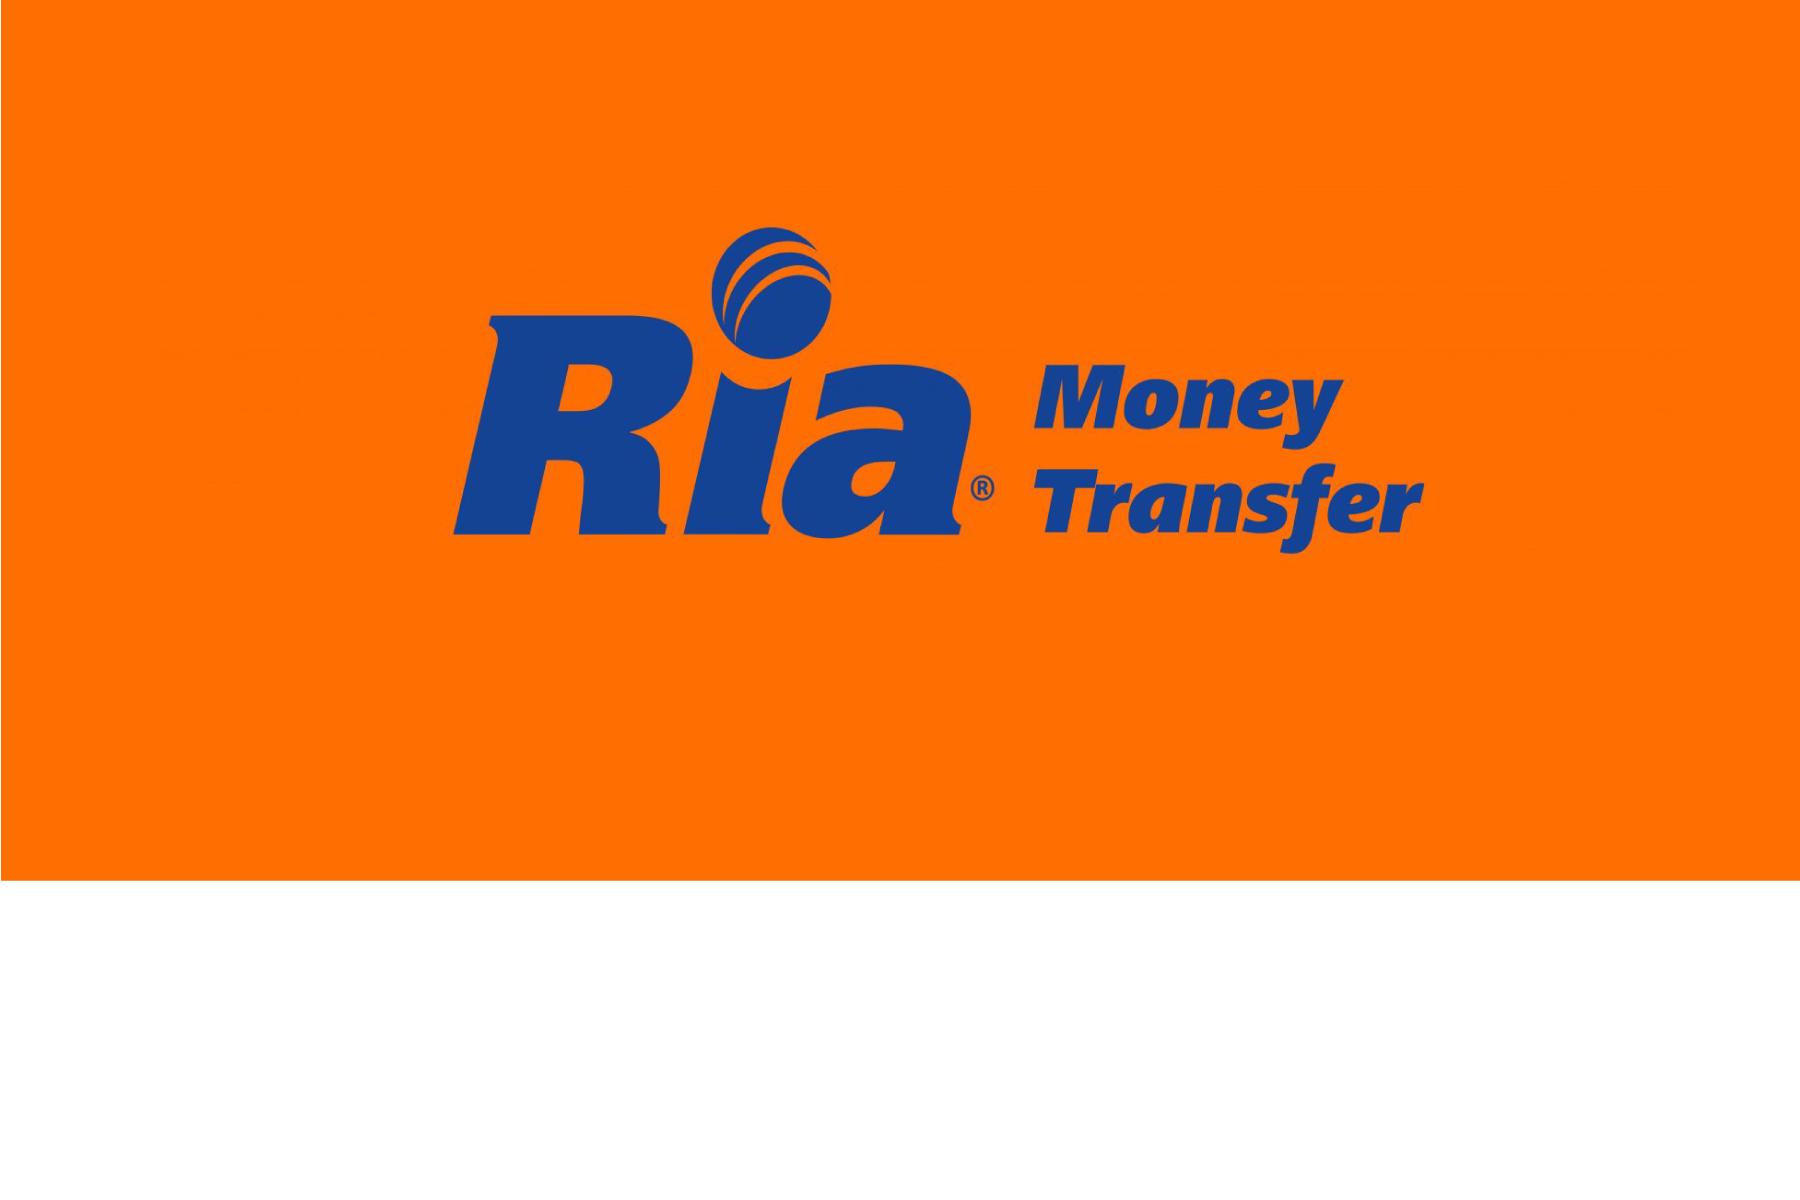 Ria Money Transfer Fbnbank Ghana Ltd